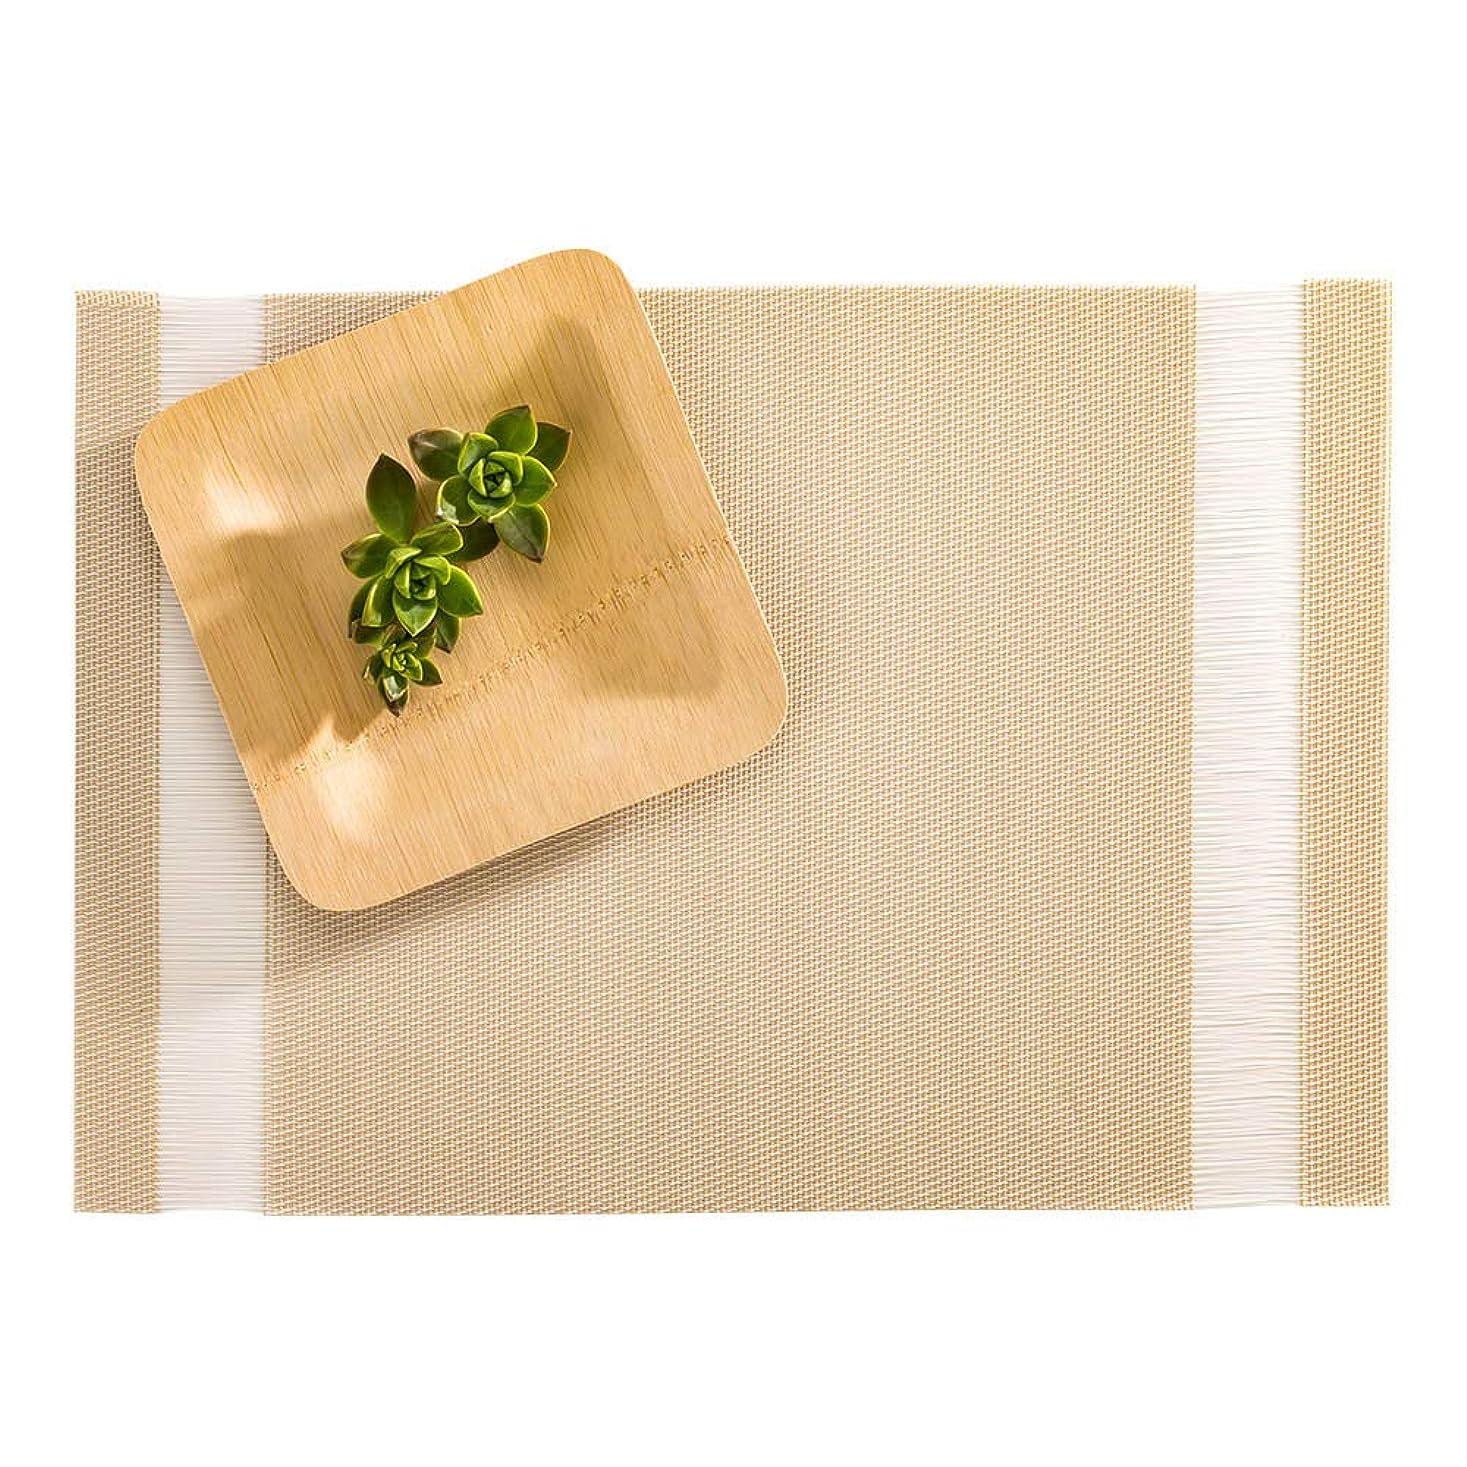 災害インゲン力学Restaurantware RWA0441 アーティザン ストライプ クリーム ビニール 織地 プレースマット 40.64cm x 30.48cm 6枚入り ボックス 41.91cm 長さ x 30.48cm 幅 x 0.2cm 高さ